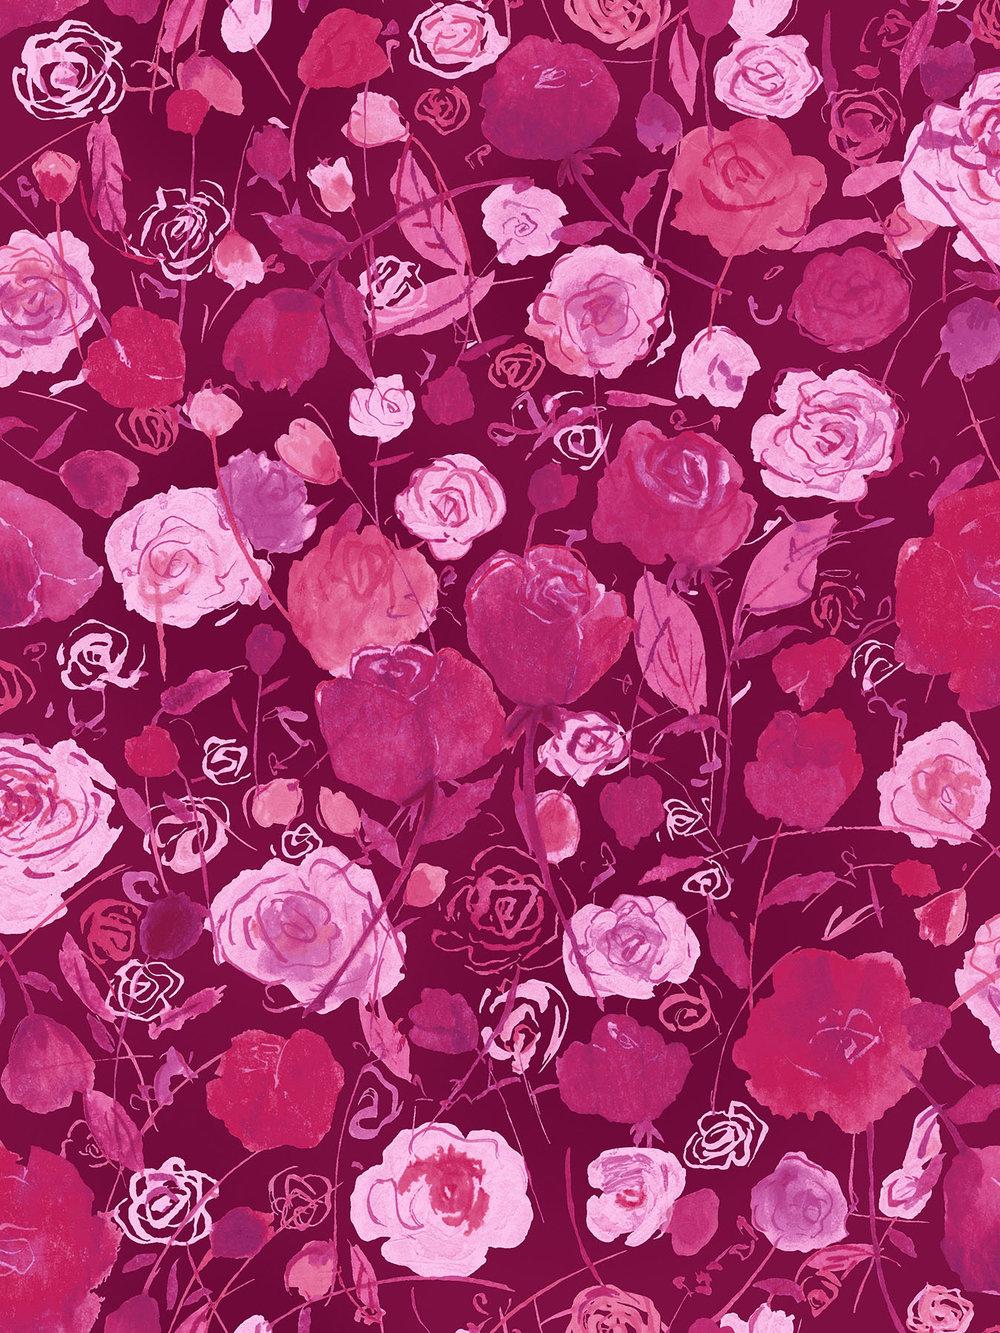 3515-002 ROSE GARDEN-DAHLIA